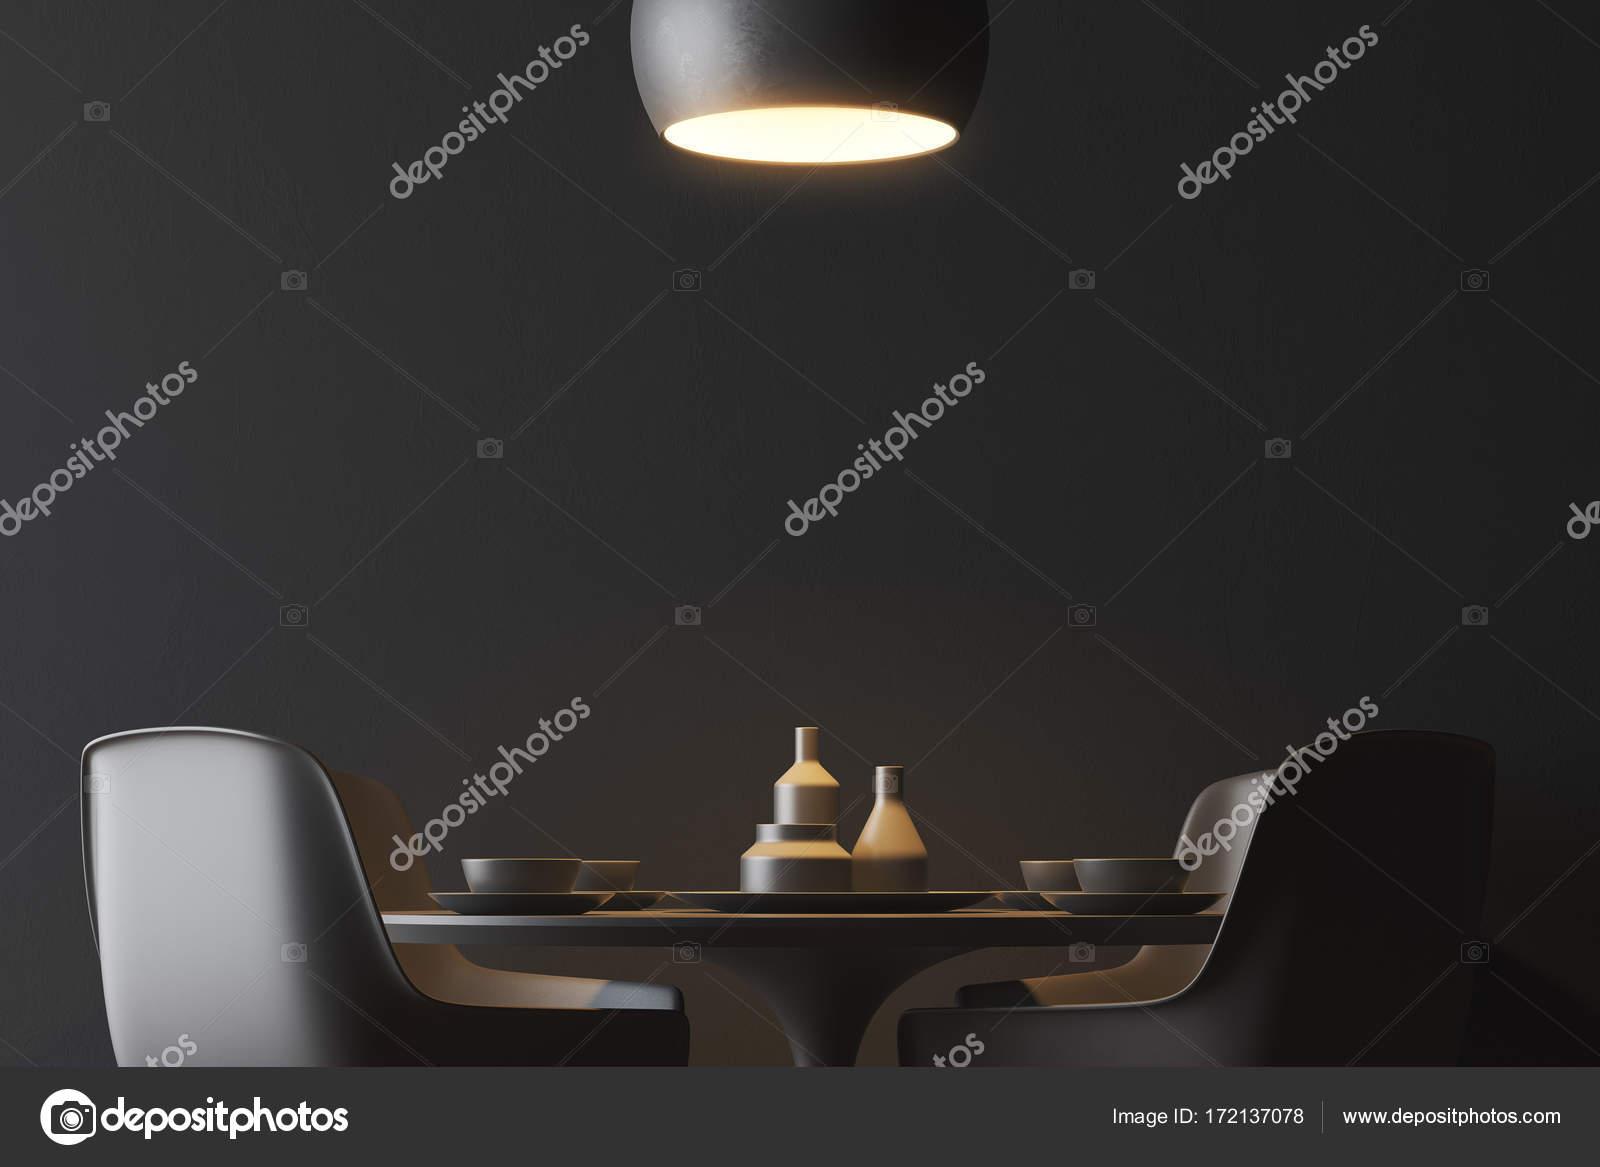 Zwarte muur eetkamer interieur u2014 stockfoto © denisismagilov #172137078